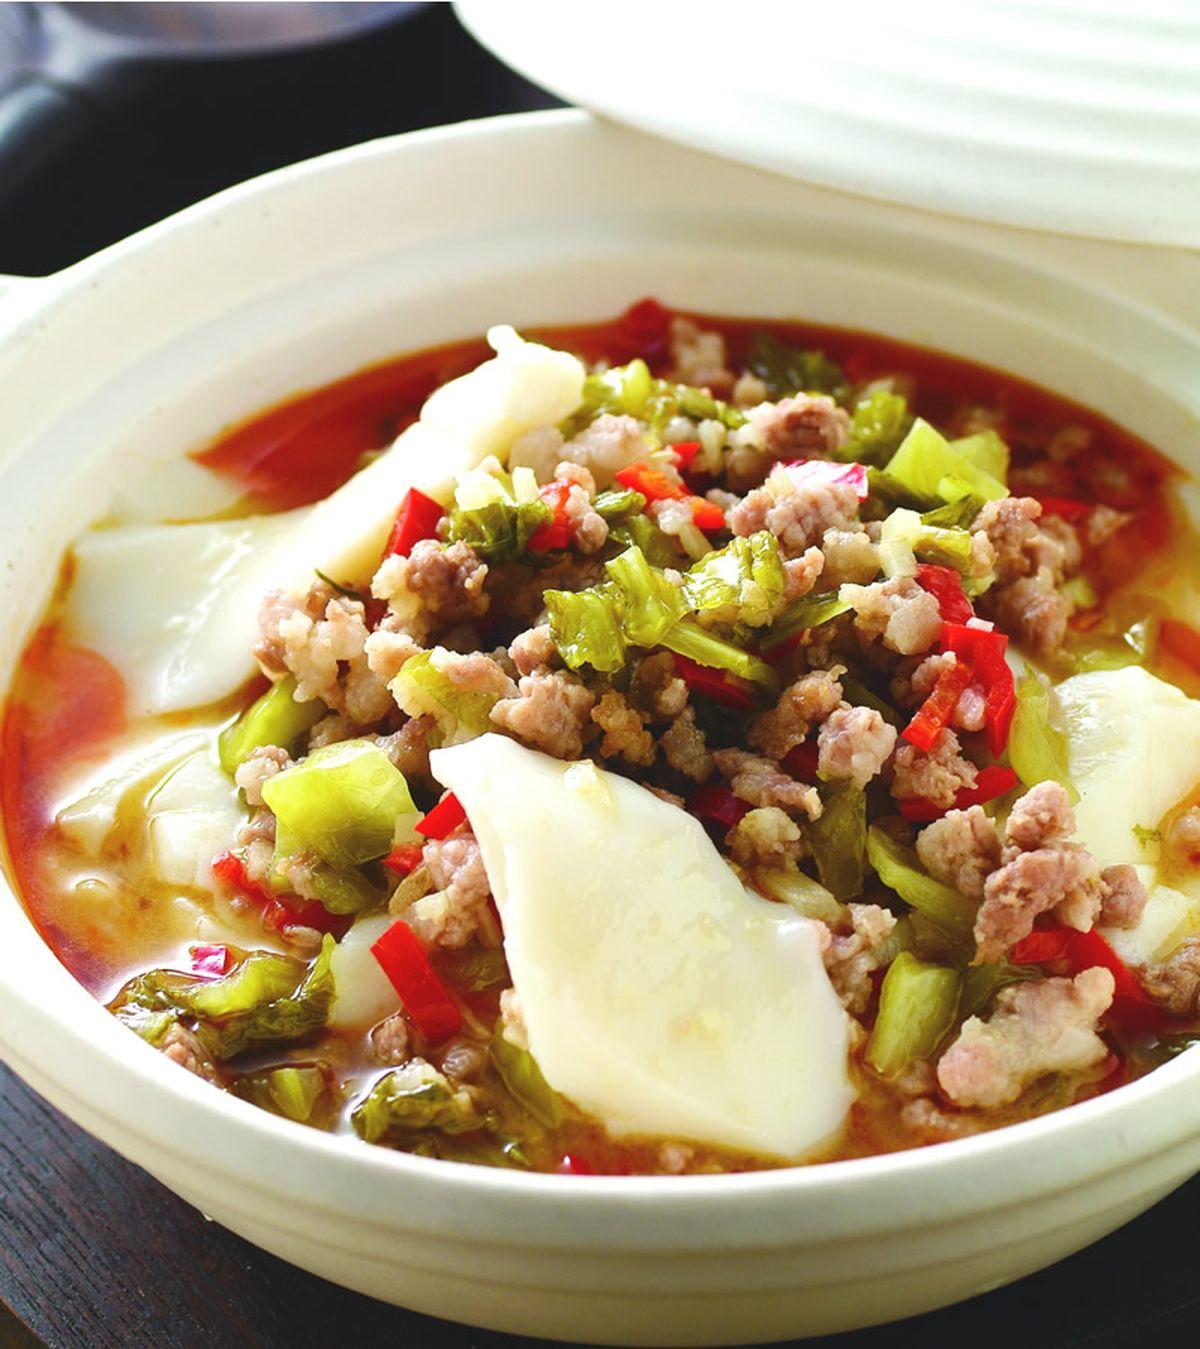 食譜:酸菜肉末豆腐腦